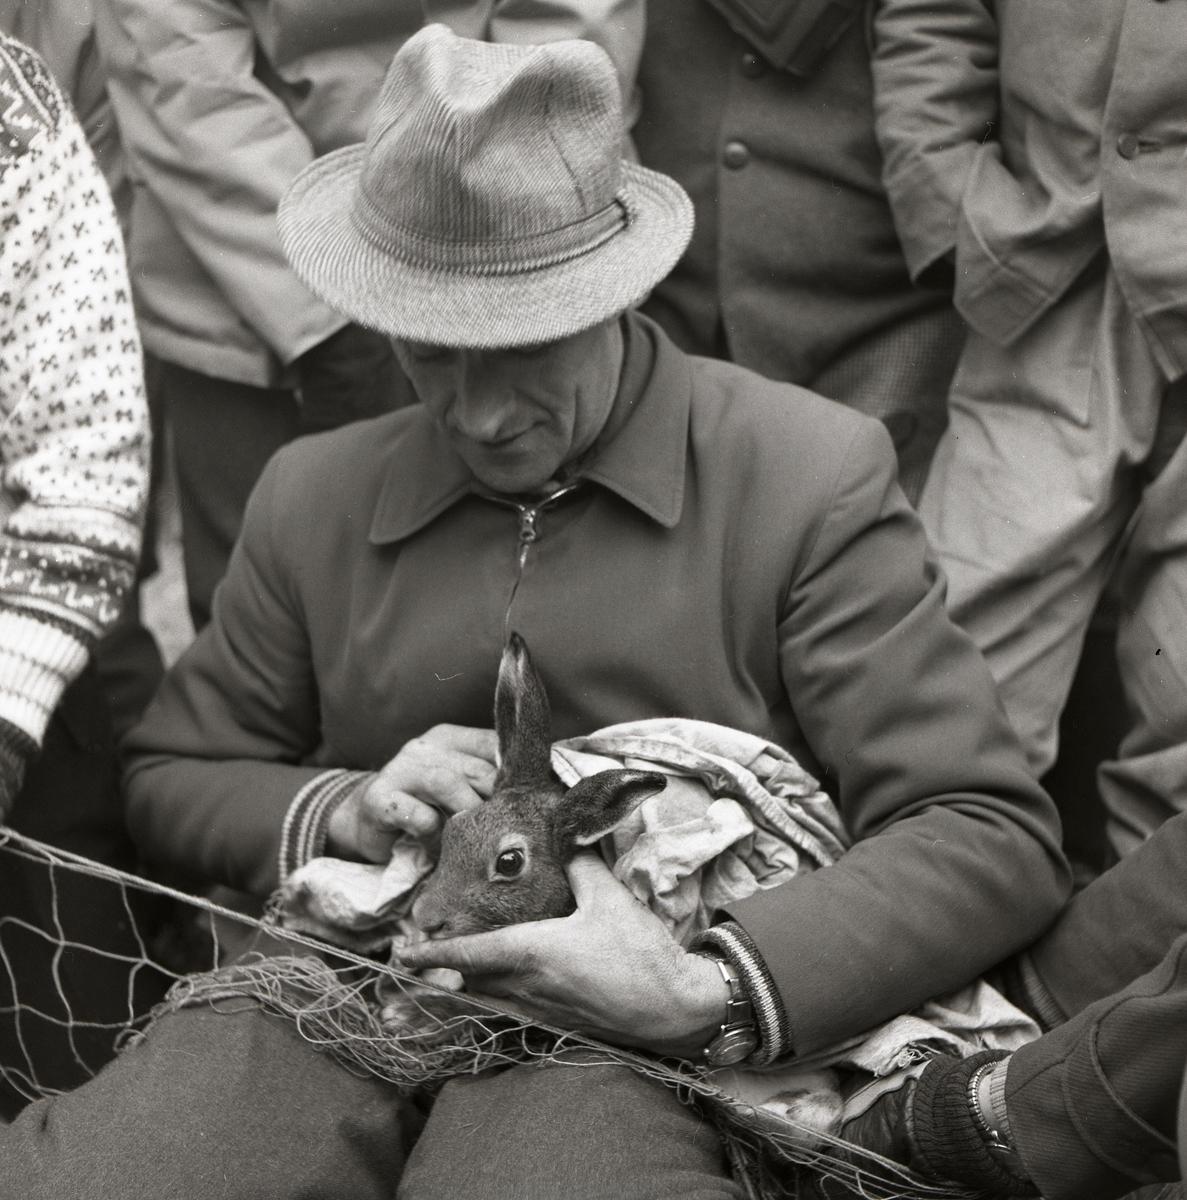 En man har en hare i sitt knä och undersöker den vid harfångsten på Storön, 6 oktober 1957.